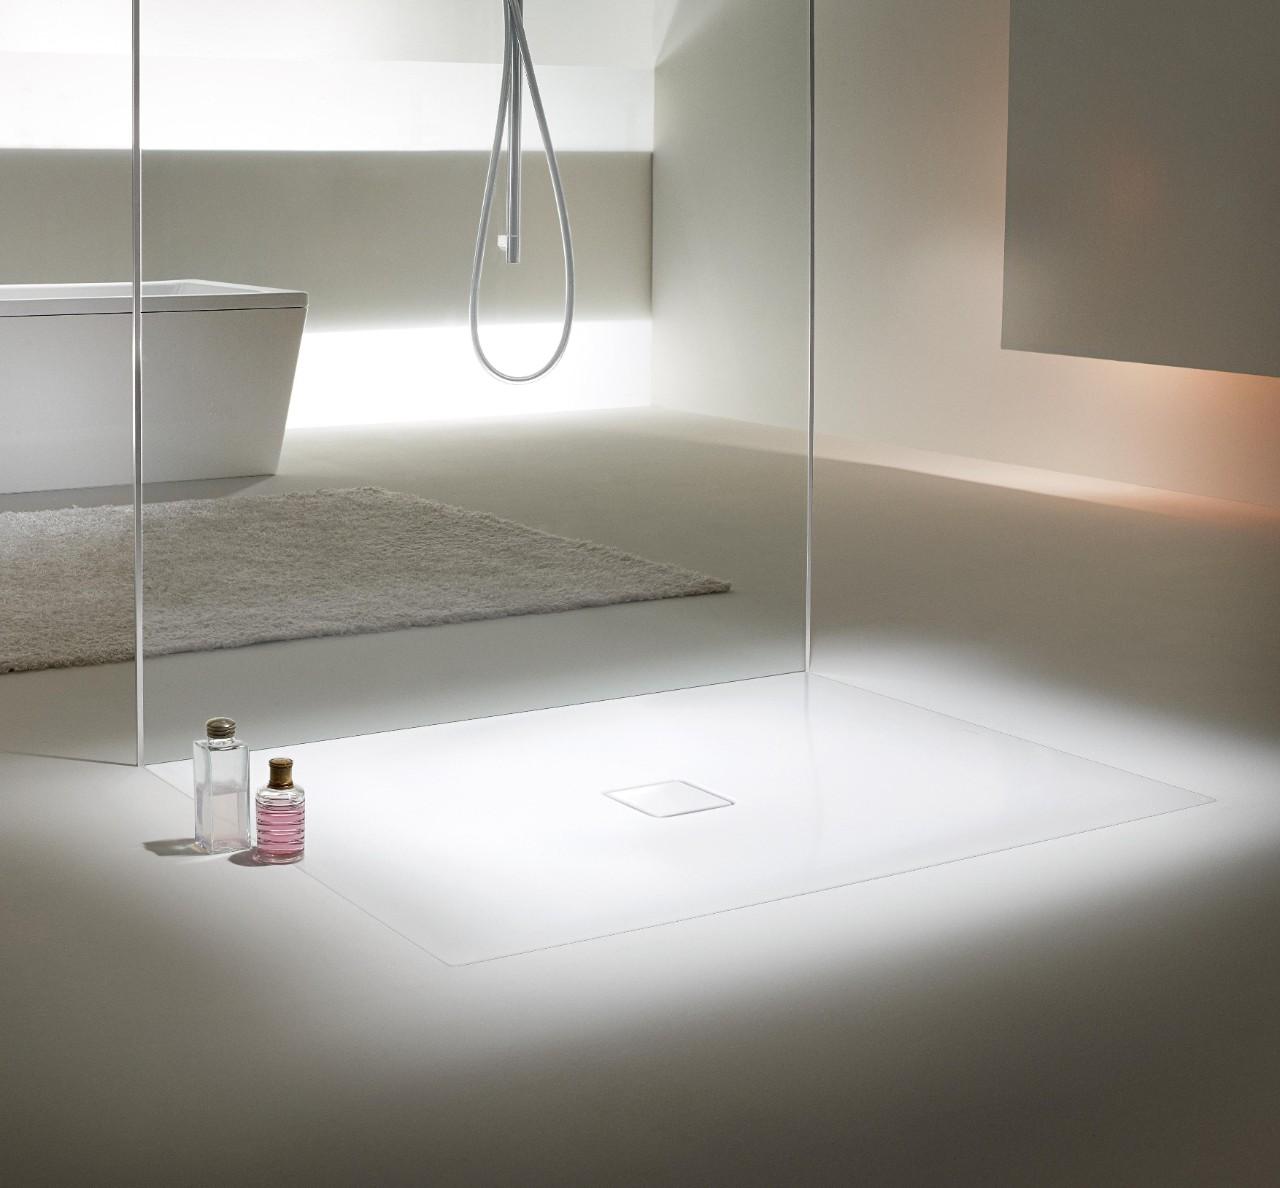 grenzeloos doucheplezier met de kaldewei conoflat douchevloer. Black Bedroom Furniture Sets. Home Design Ideas